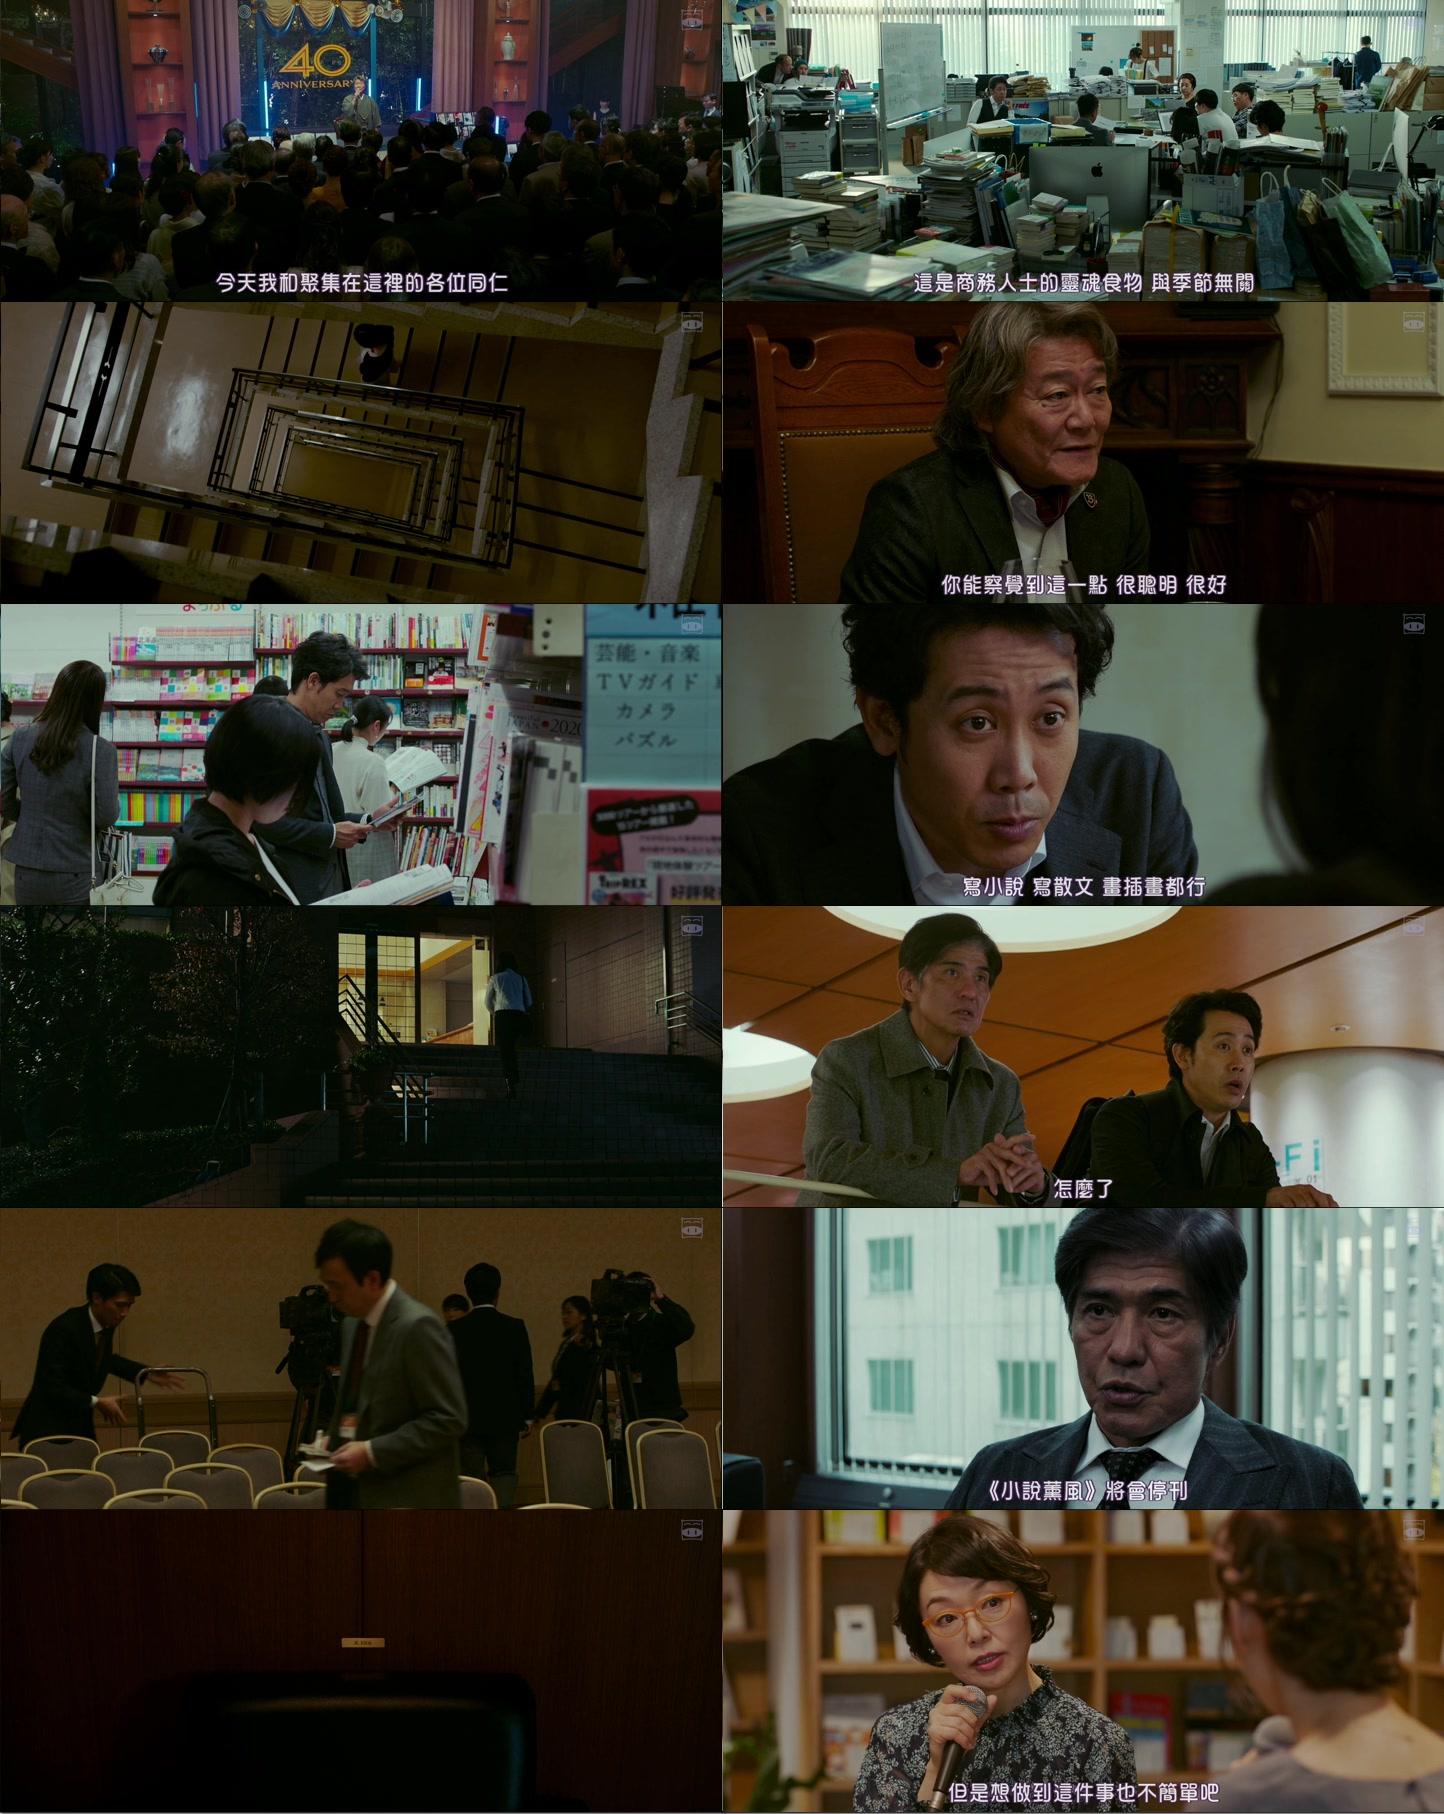 [日本]錯視畫的利牙 超越無限兩分鐘.HDRip.720p[繁中]